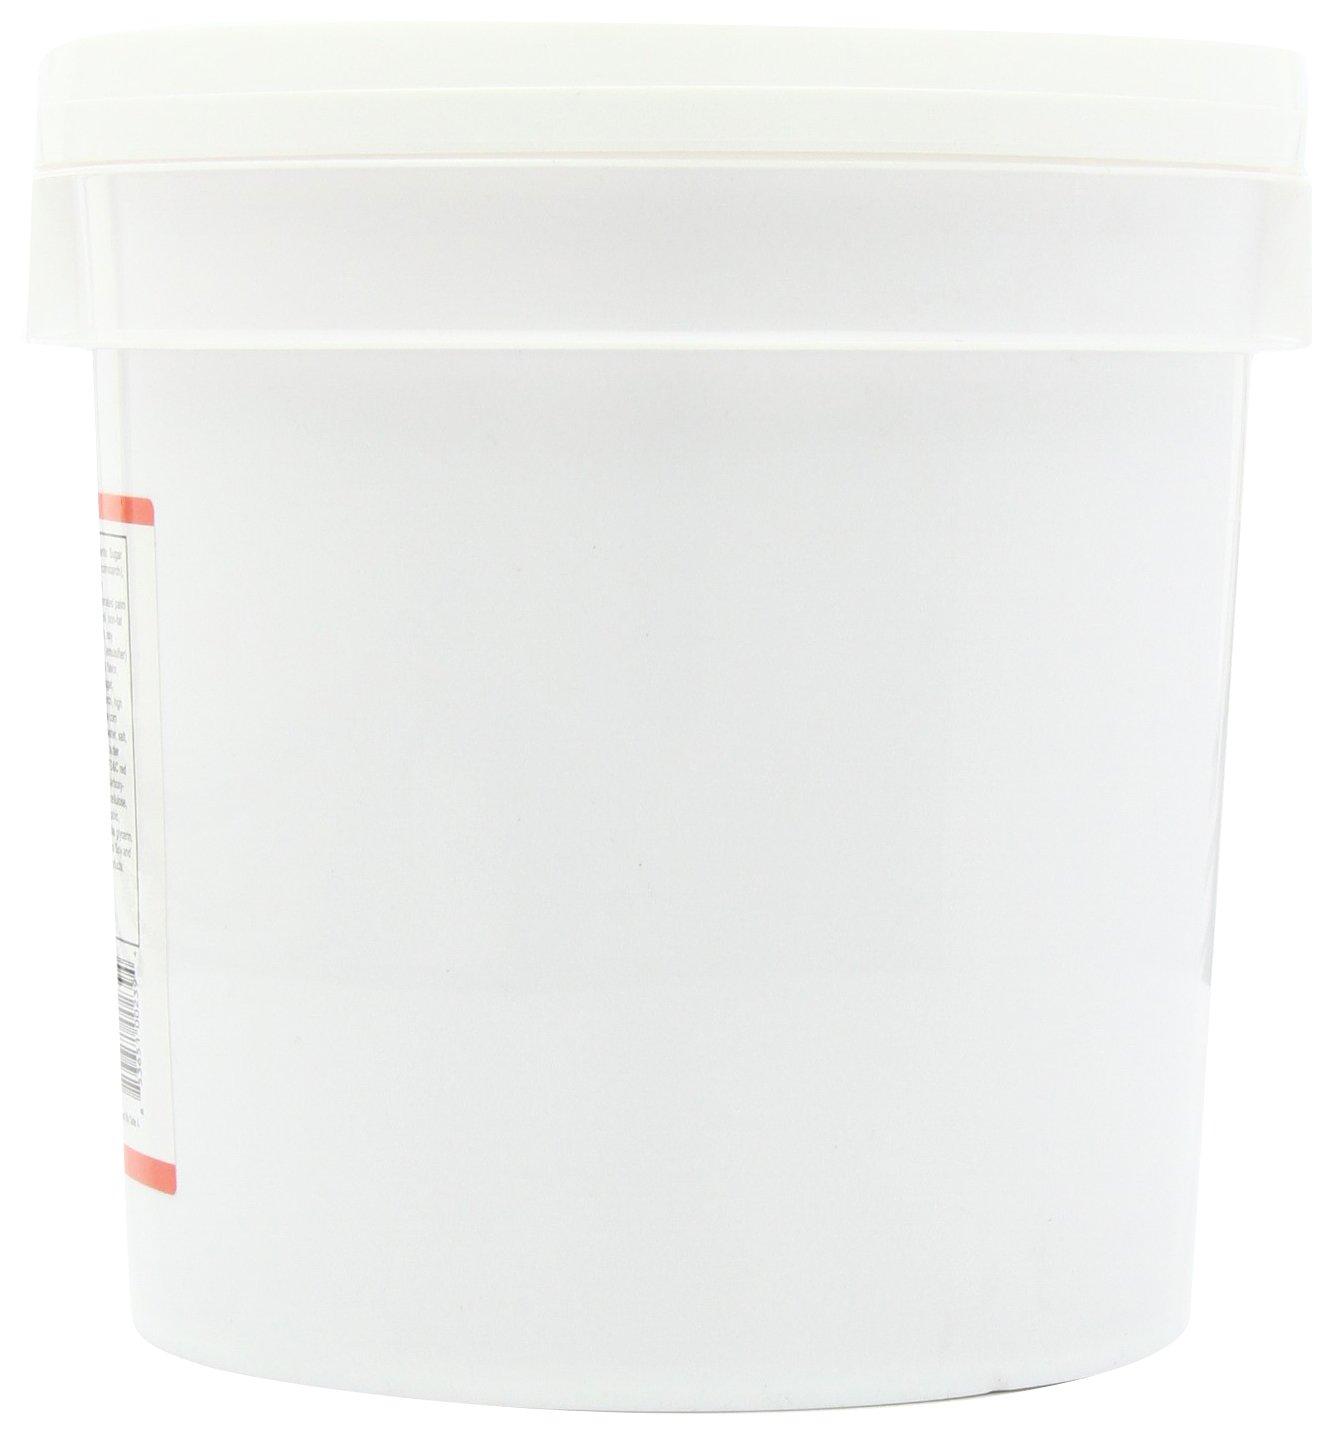 Fondarific Buttercream Red Fondant, 10-Pound Bucket by Fondarific (Image #5)